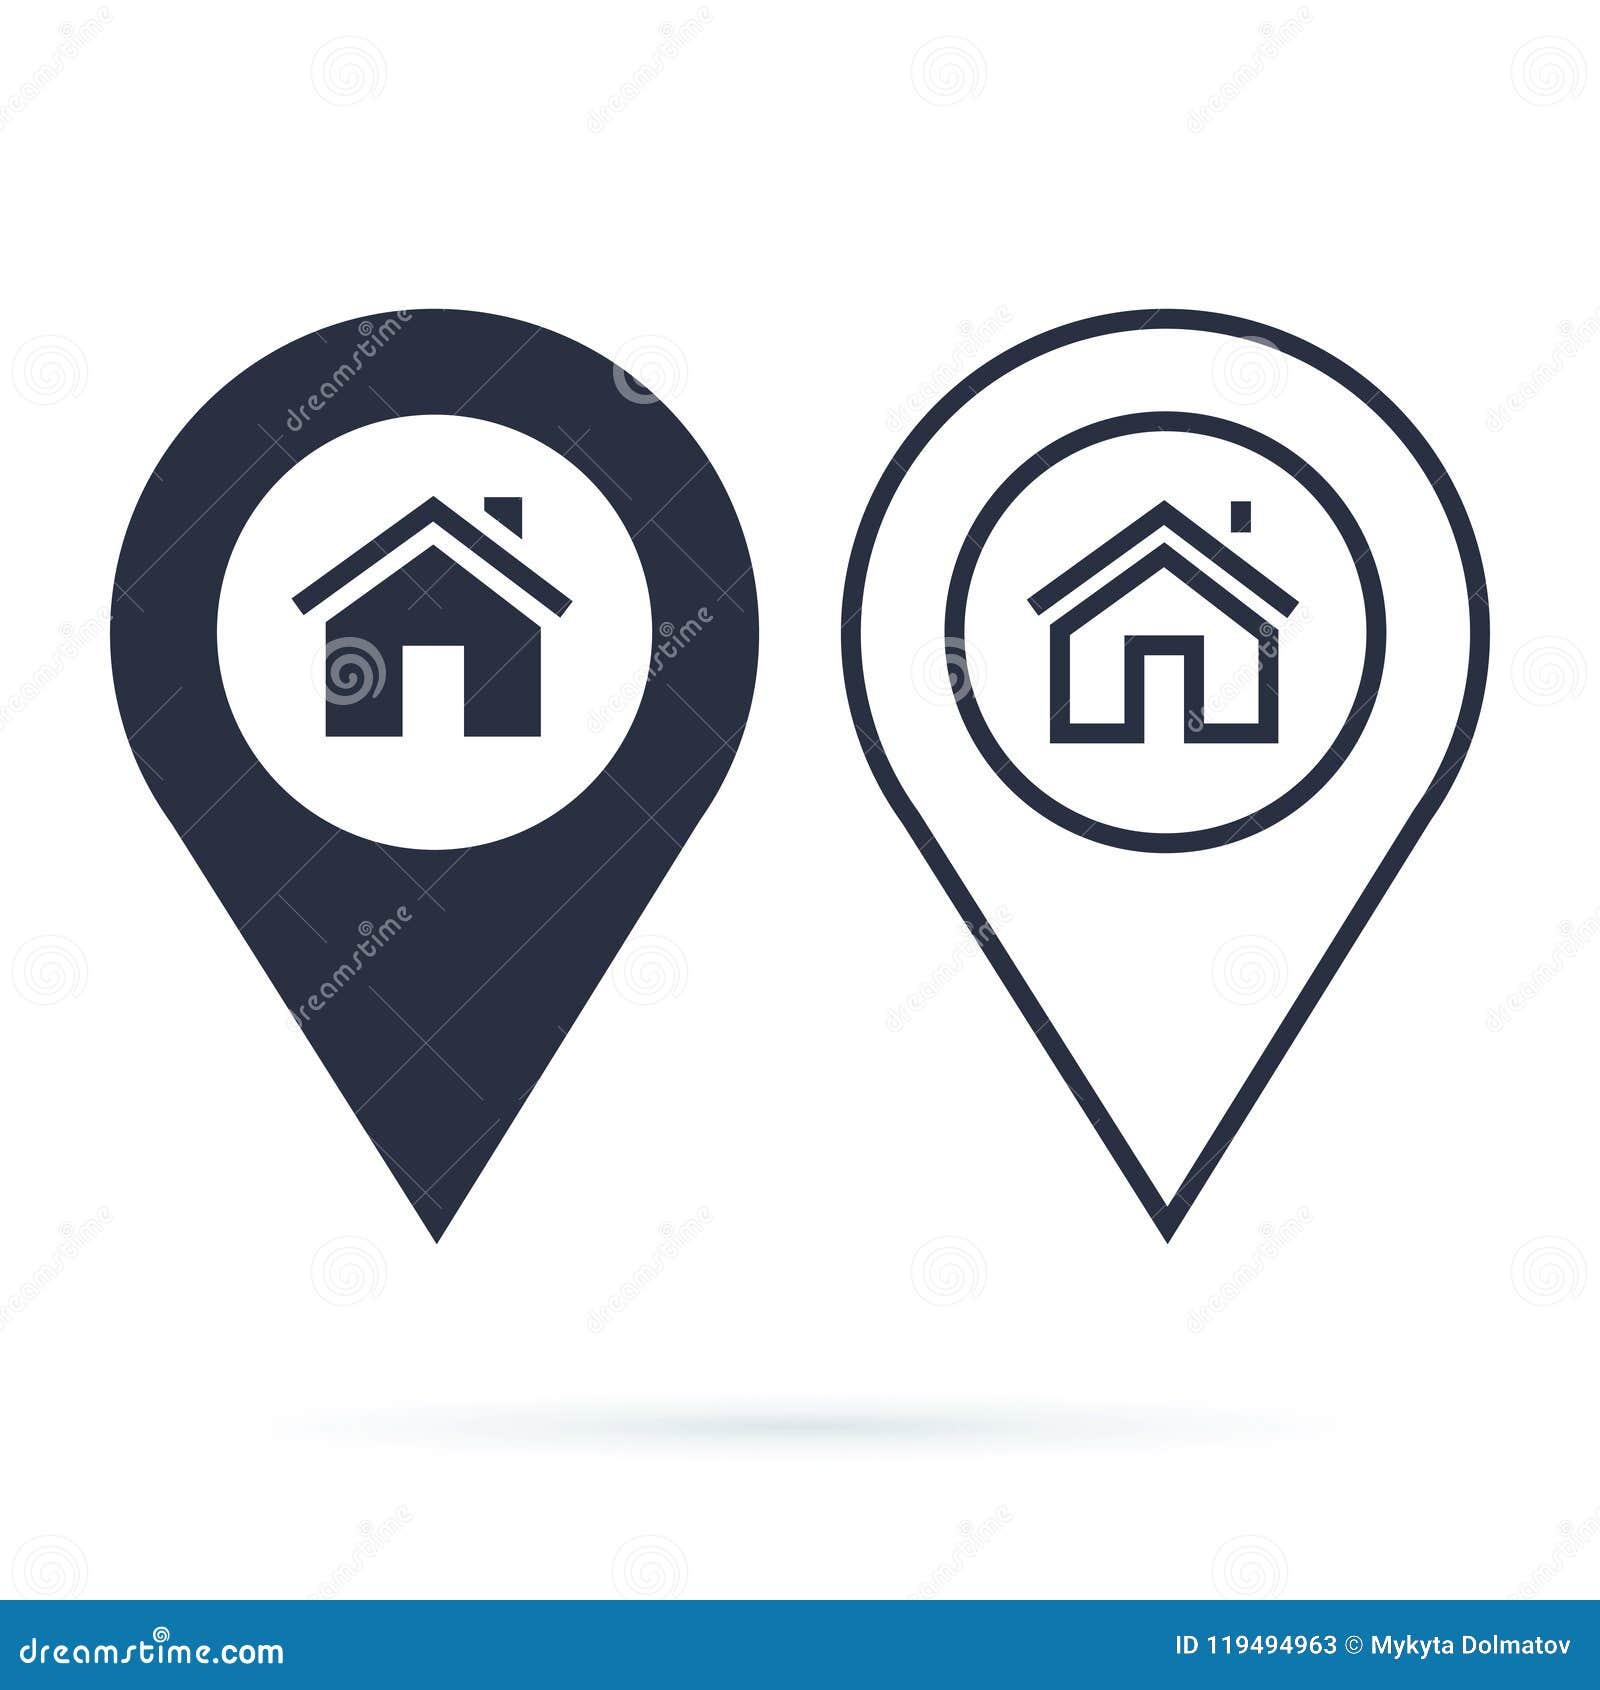 Los gps del hogar trazan el indicador, perno de la flecha del icono del perno del mapa, ubicación del compás